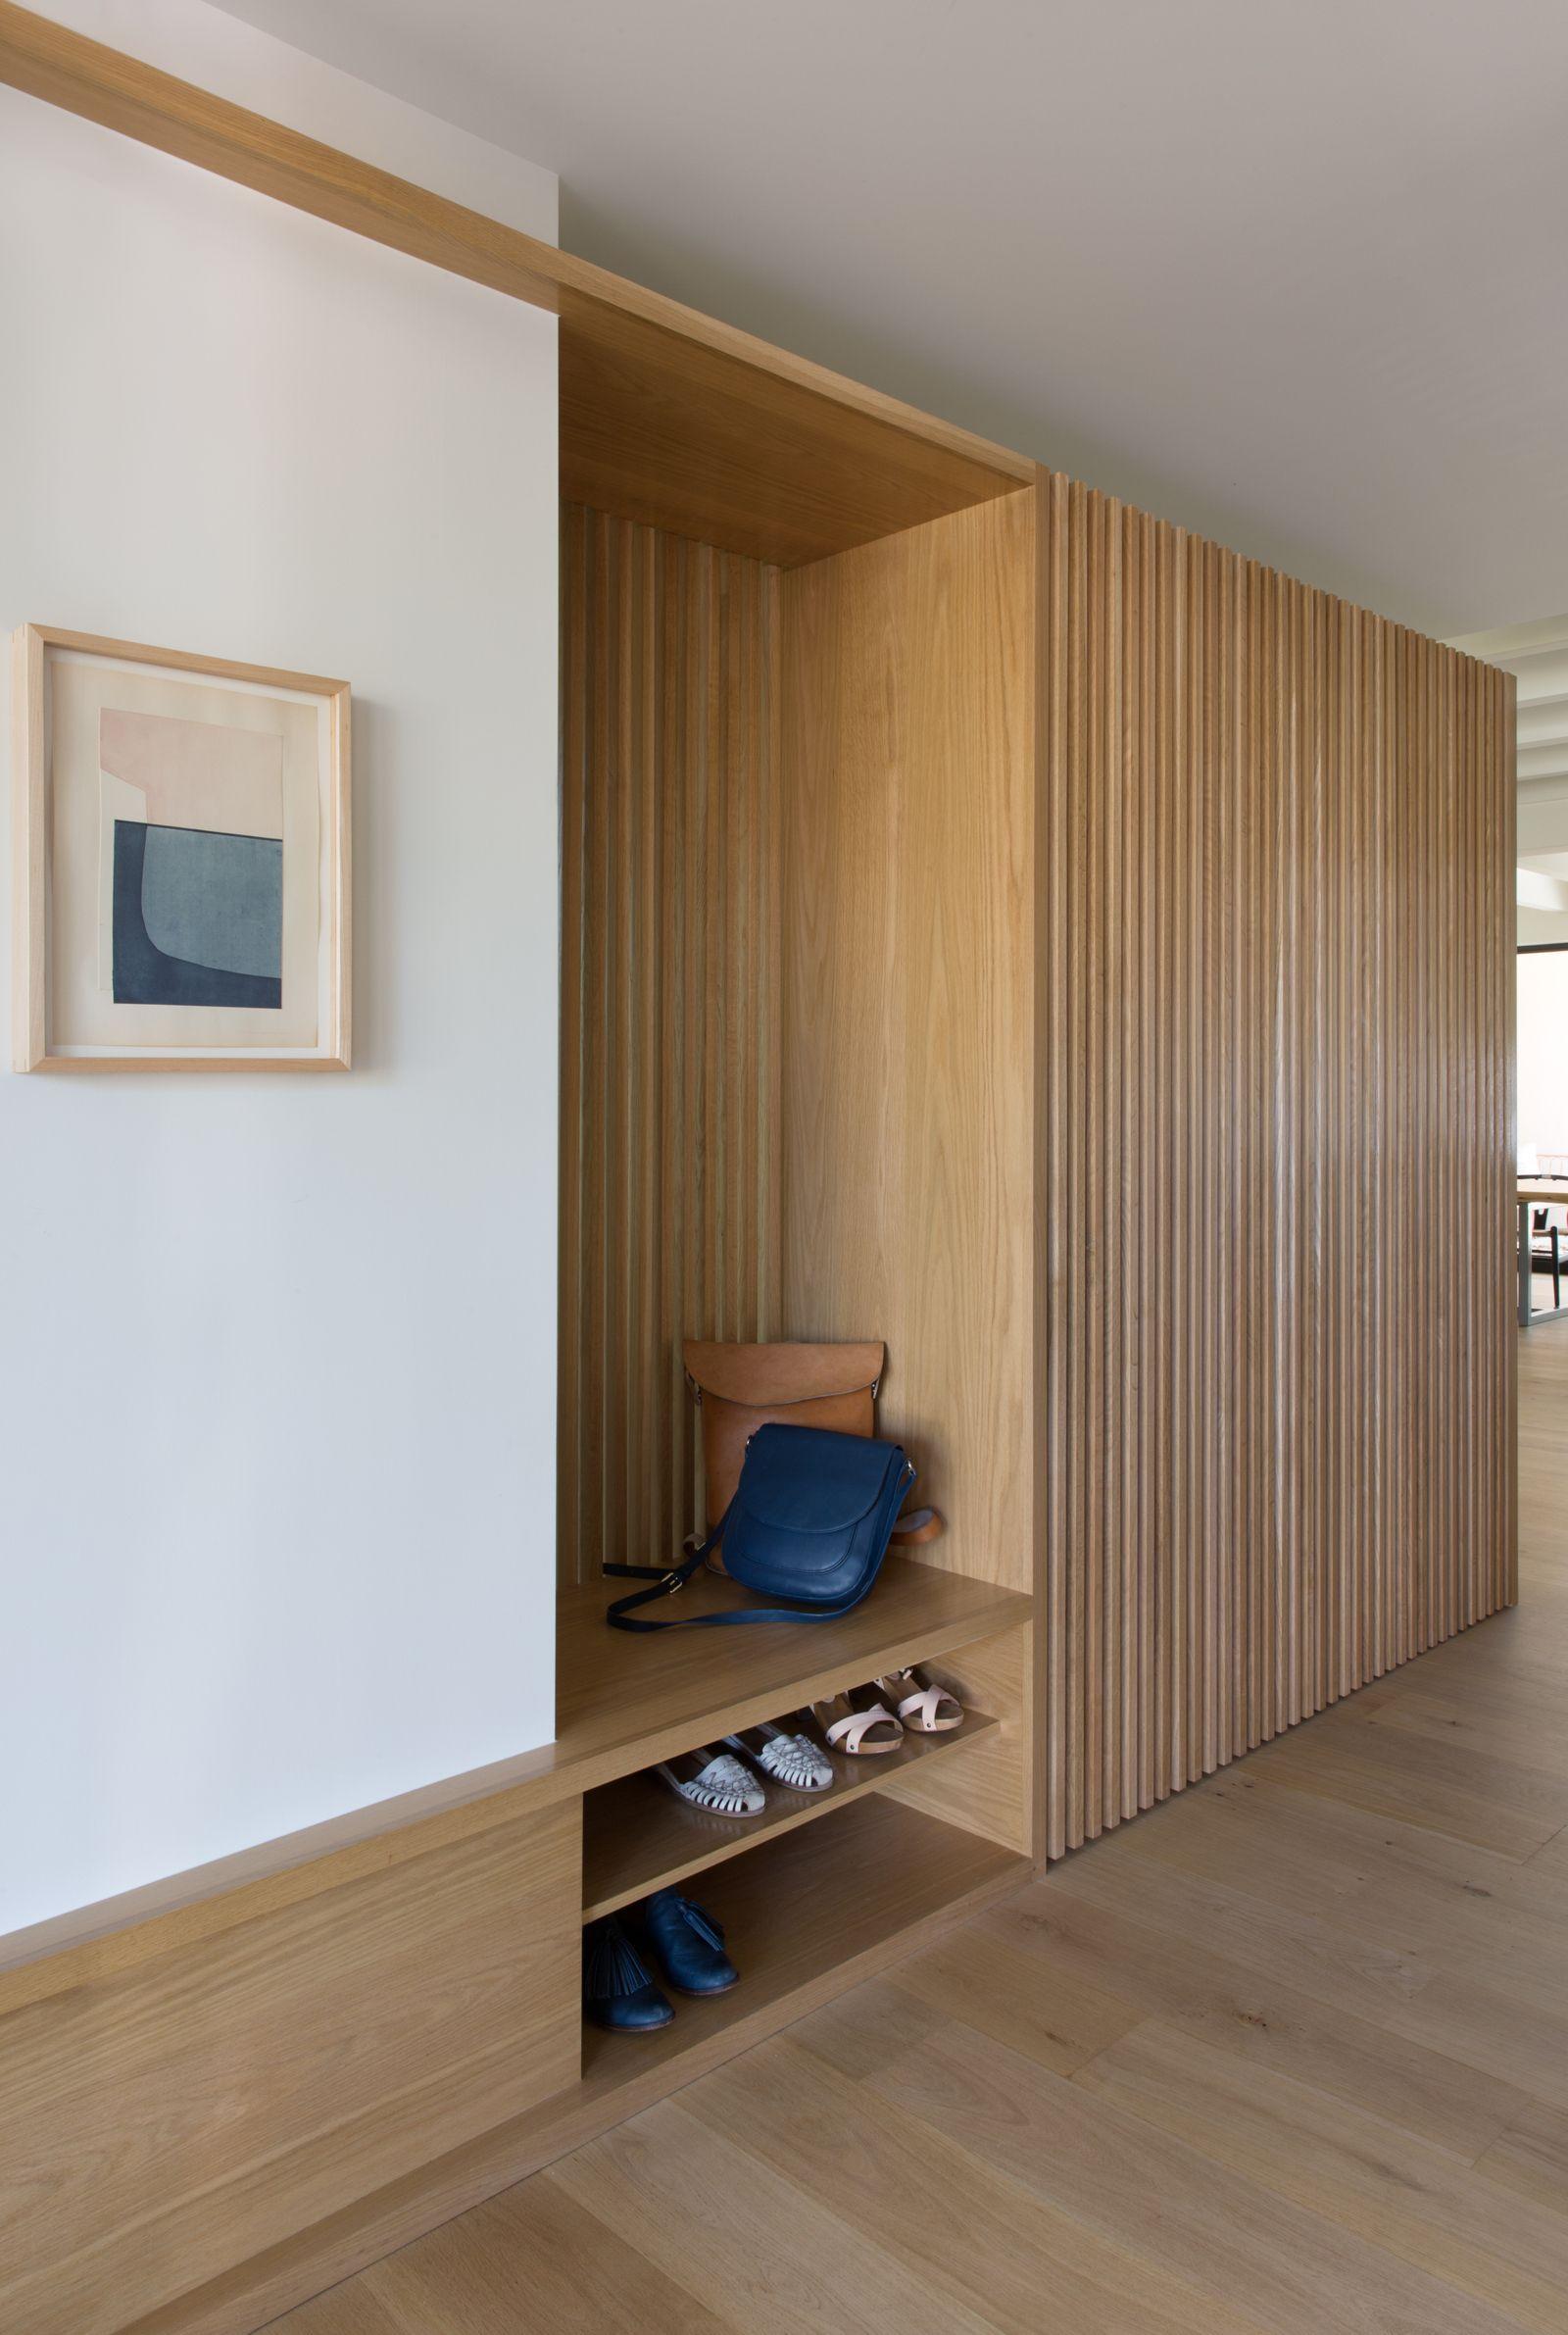 Focus Inspirant Sur Ce Meuble D Entree Comprenant Une Petite Etagere Pour Poser Ses Chaussures Tres Belle Realis In 2020 Home Entrance Decor Home Interior Design Home